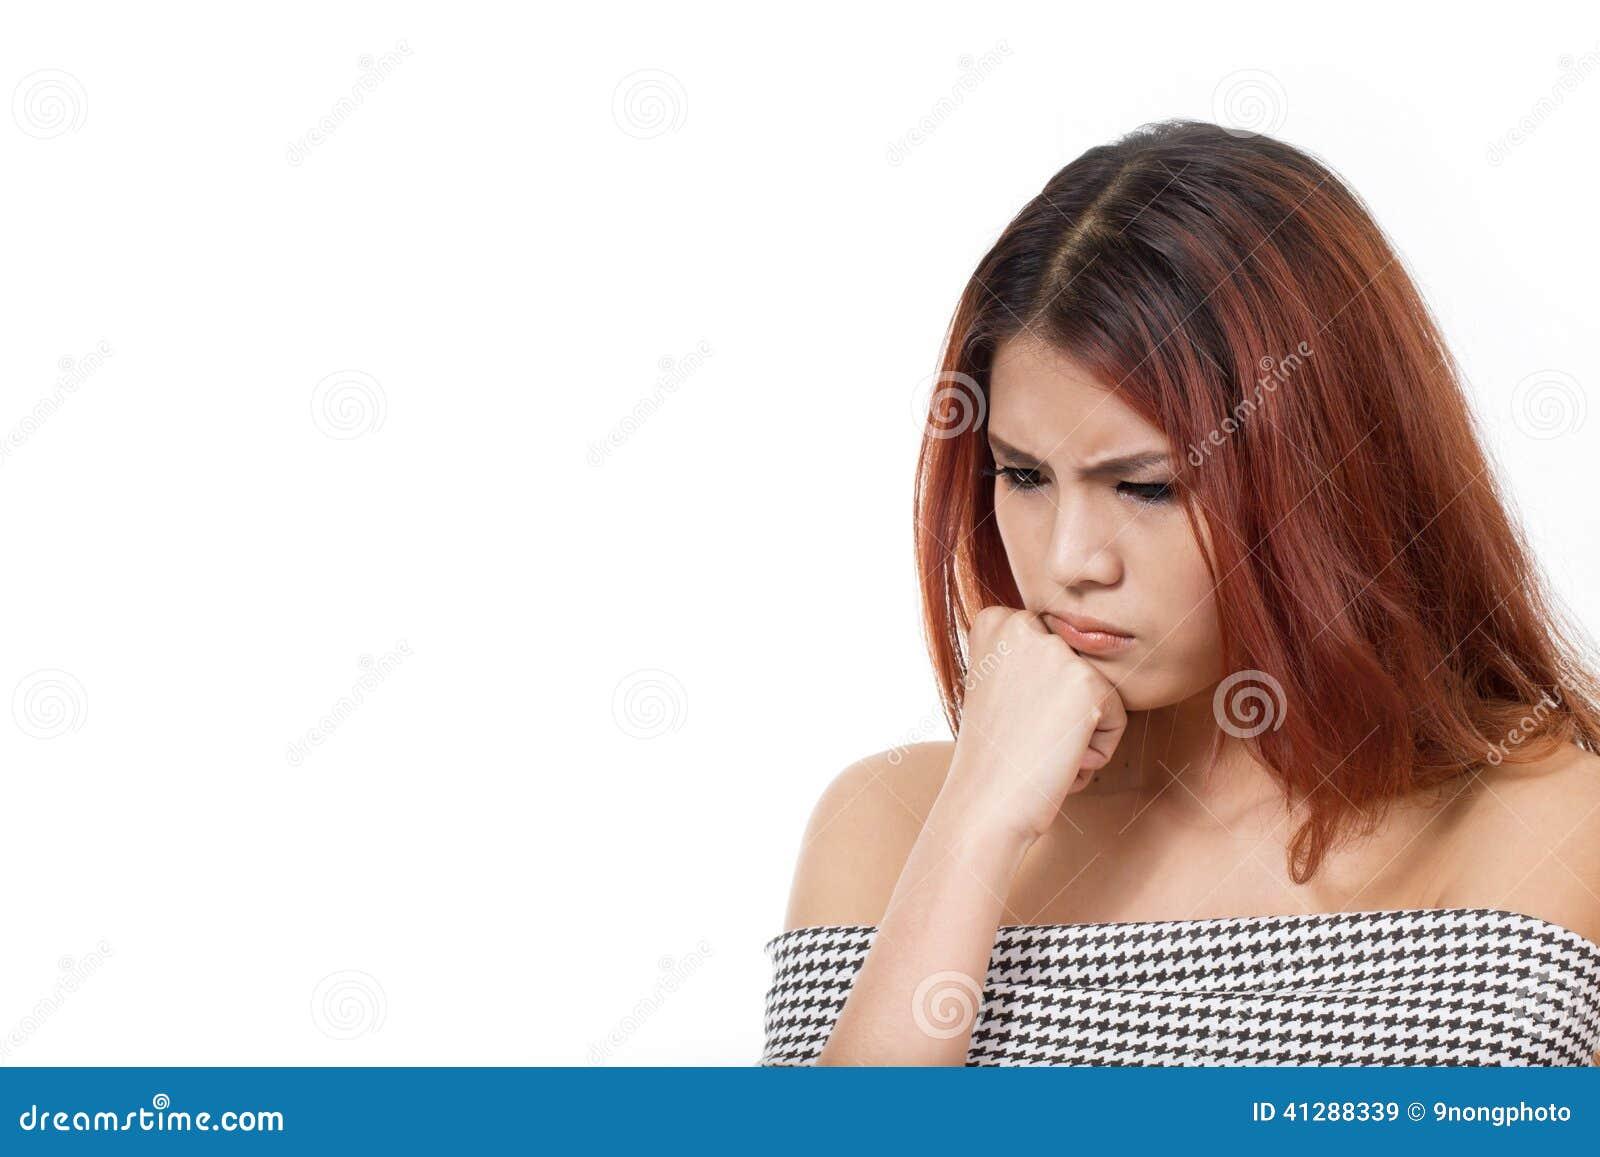 Kobieta wyraża negatywnego uczucie, nuda, zła emocja, kłopot